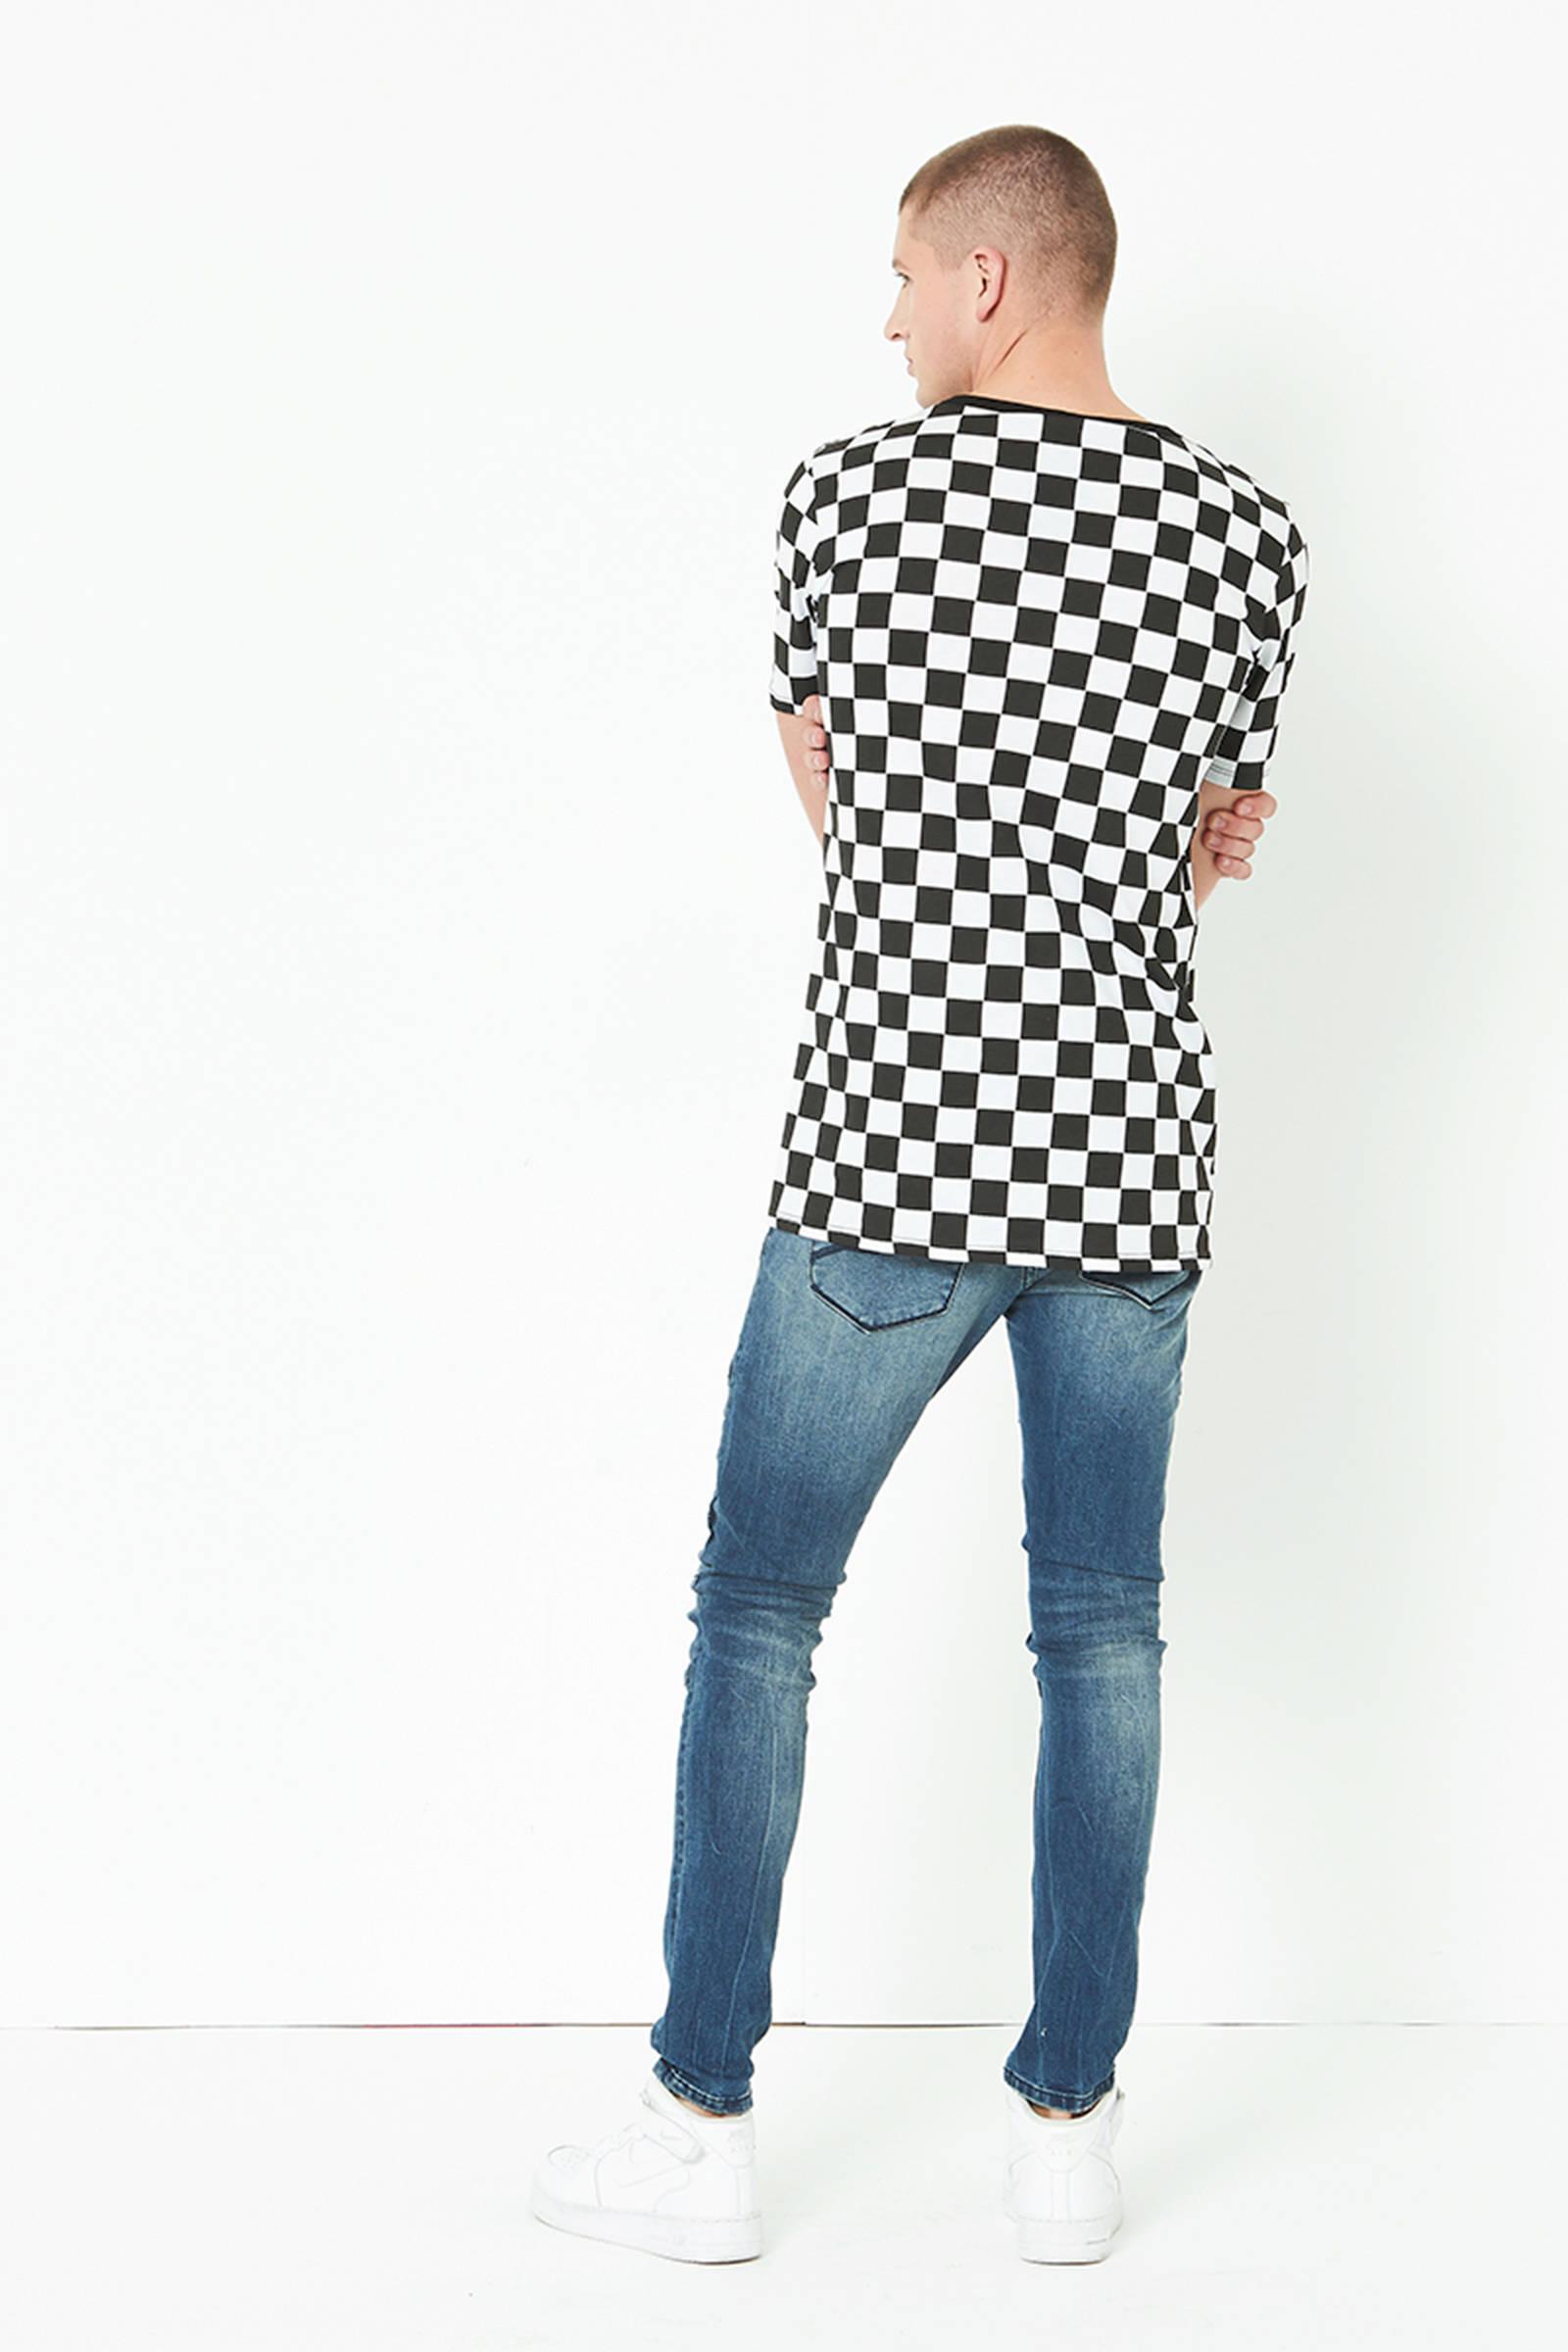 Patroon Geblokt Shirt Met Coolcat ZwartwitWehkamp T Yb6gfy7